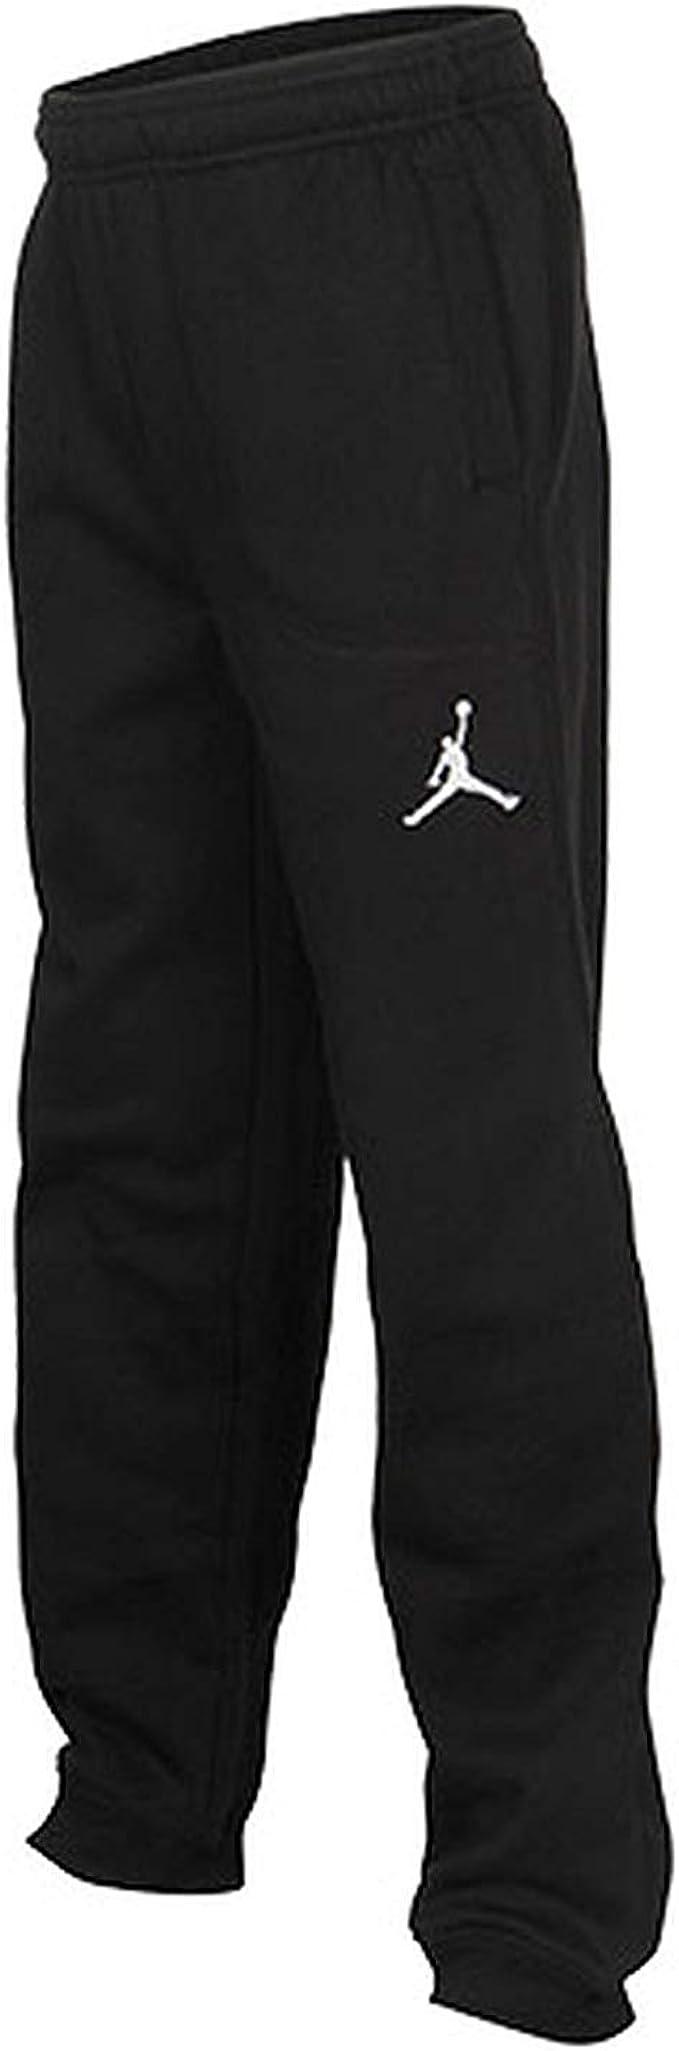 Boy s JORDAN Polar Jogger Pantalones: Amazon.es: Deportes y aire ...